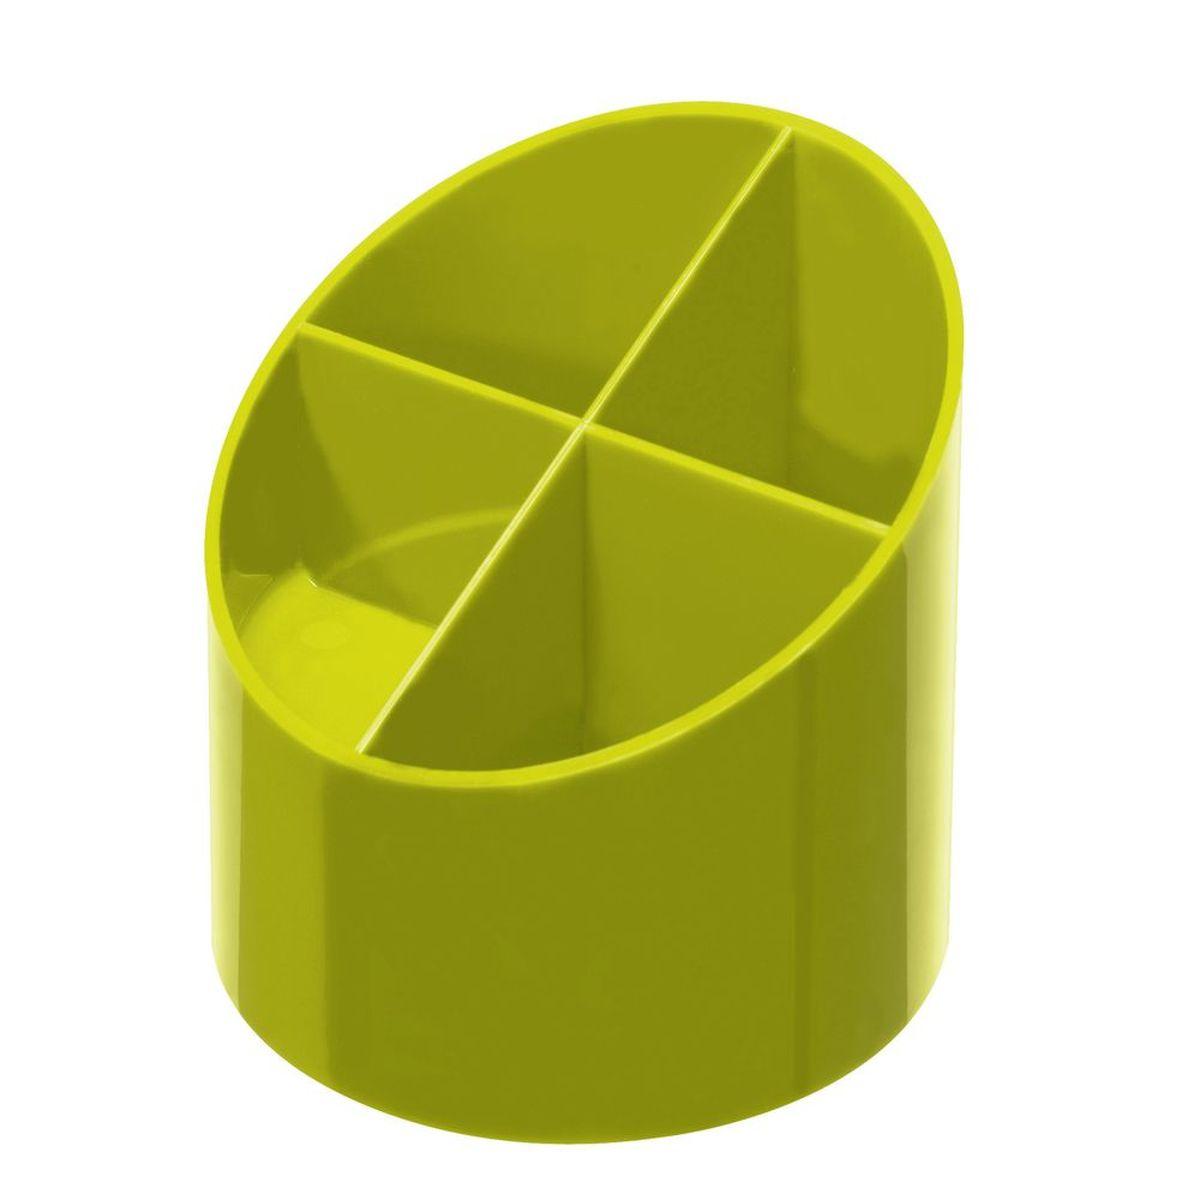 Herlitz Подставка для канцелярских принадлежностей Colour Blocking цвет лимонныйFS-00102Практичная подставка для канцелярских принадлежностей Herlitz Colour Blocking поможет содержать порядок на рабочем столе. Она изготовлена из пластика и содержит 4 отделения. Яркий дизайн позволит ей стать достойным аксессуаром среди ваших канцелярских принадлежностей и будет дарить вам хорошее настроение.